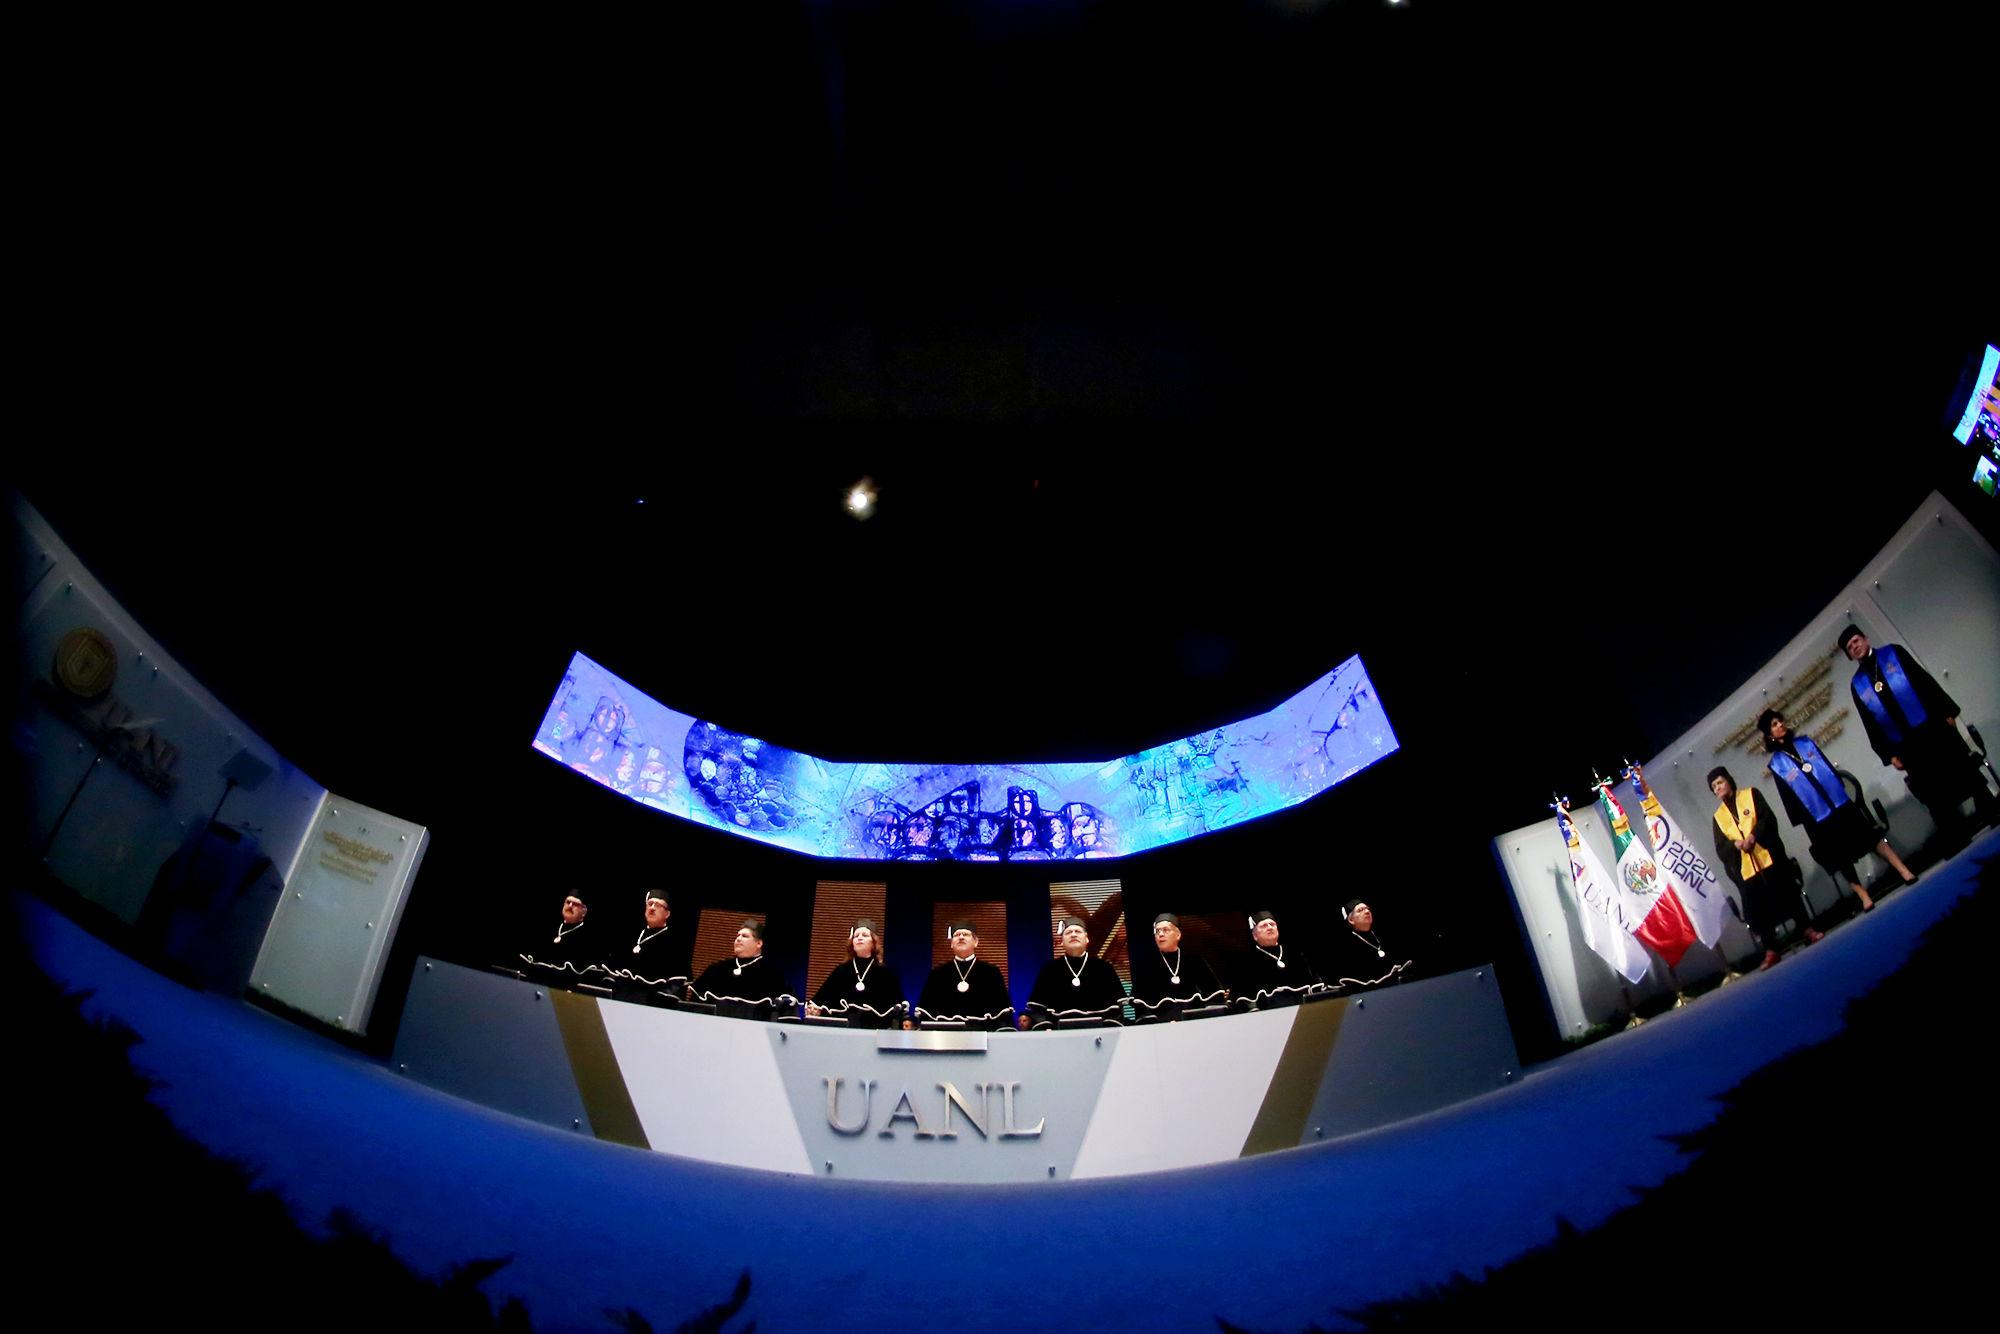 La UANL distinguió a Alicia Reyes, Brigitte Plateau y Jaime Parada Ávila, por su contribución a la educación y las ciencias